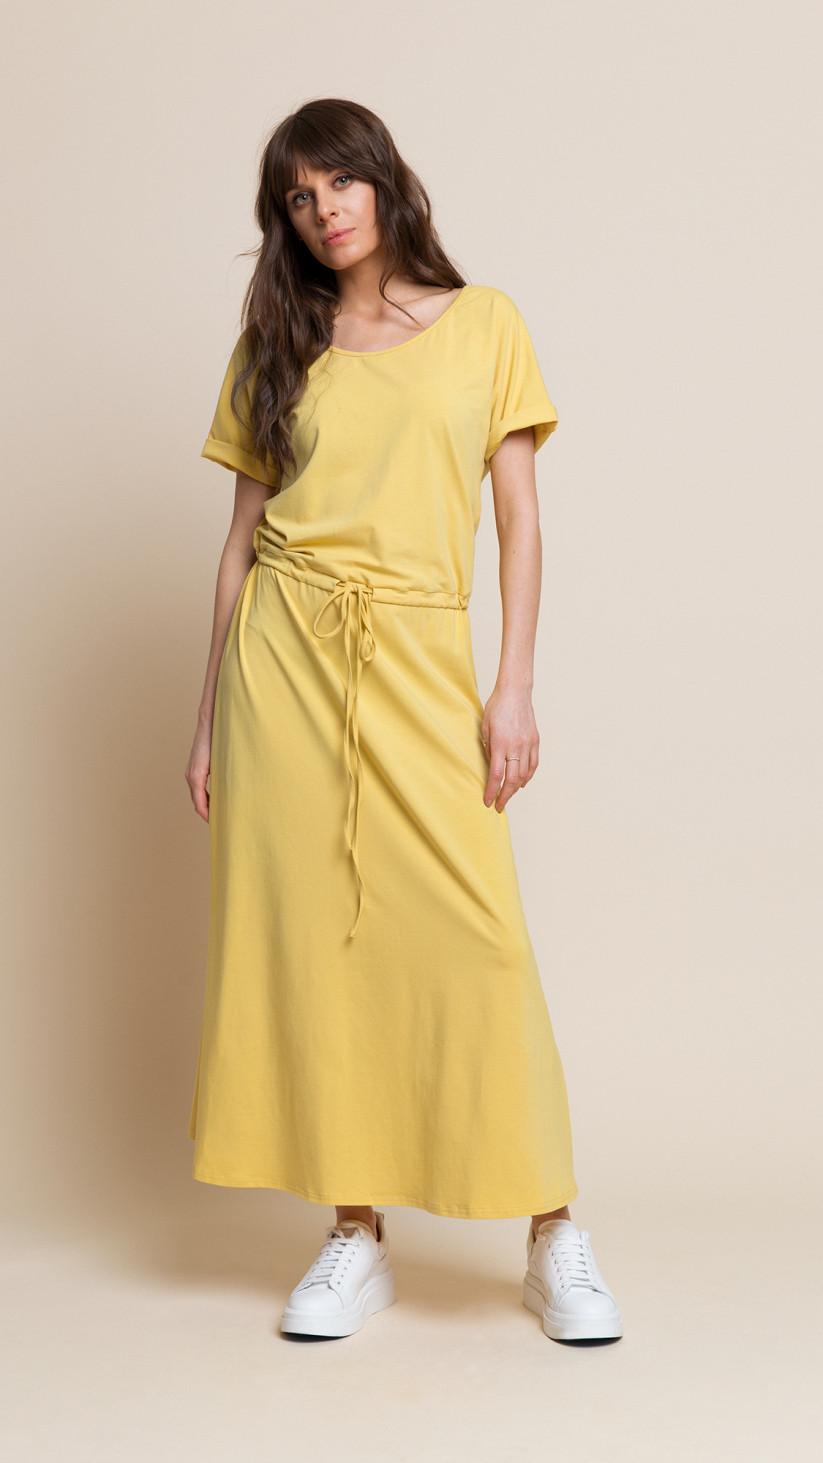 Sukienka Cindy | Słoneczny Żółty | Sukienka basic ⅞ z wiązaniem w pasie